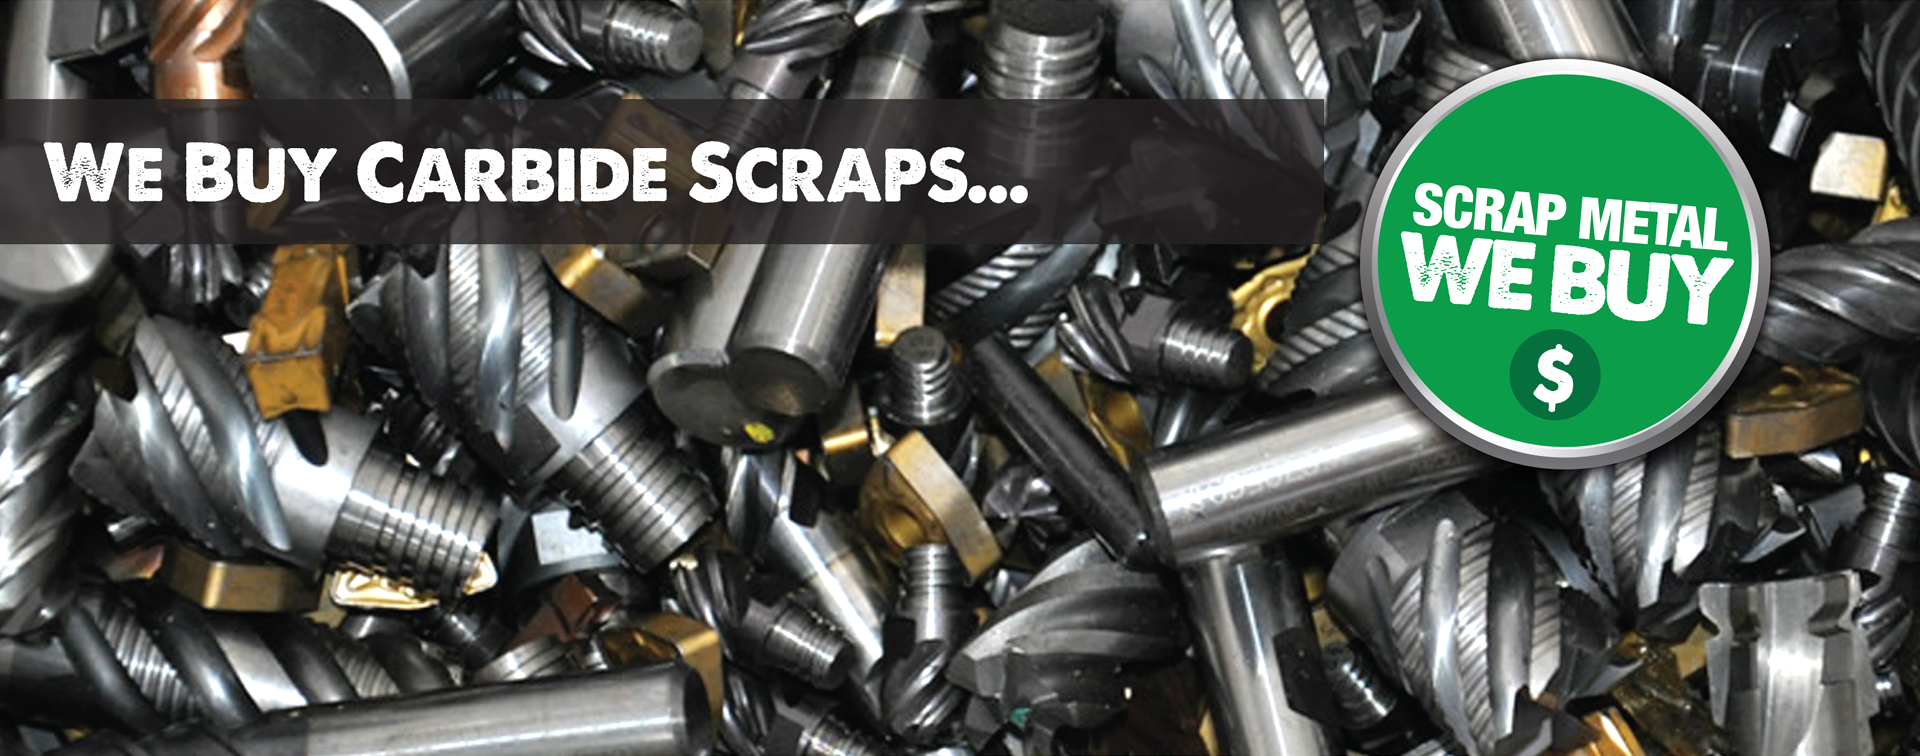 Carbide Scraps - Astro City Scrap Metal